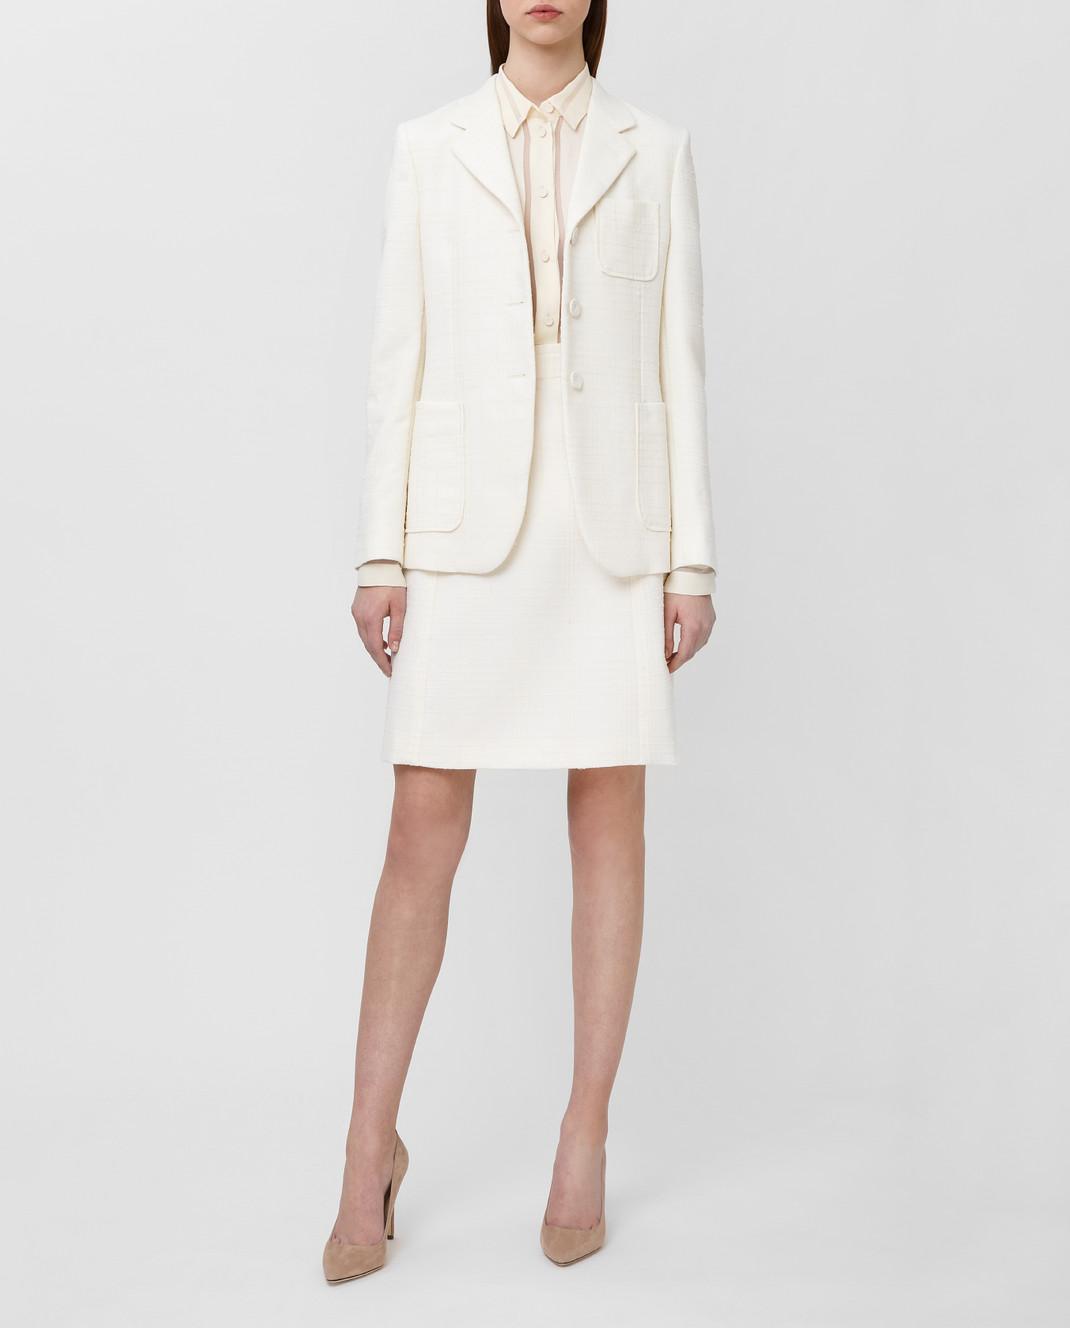 Bottega Veneta Белая юбка 544961 изображение 2